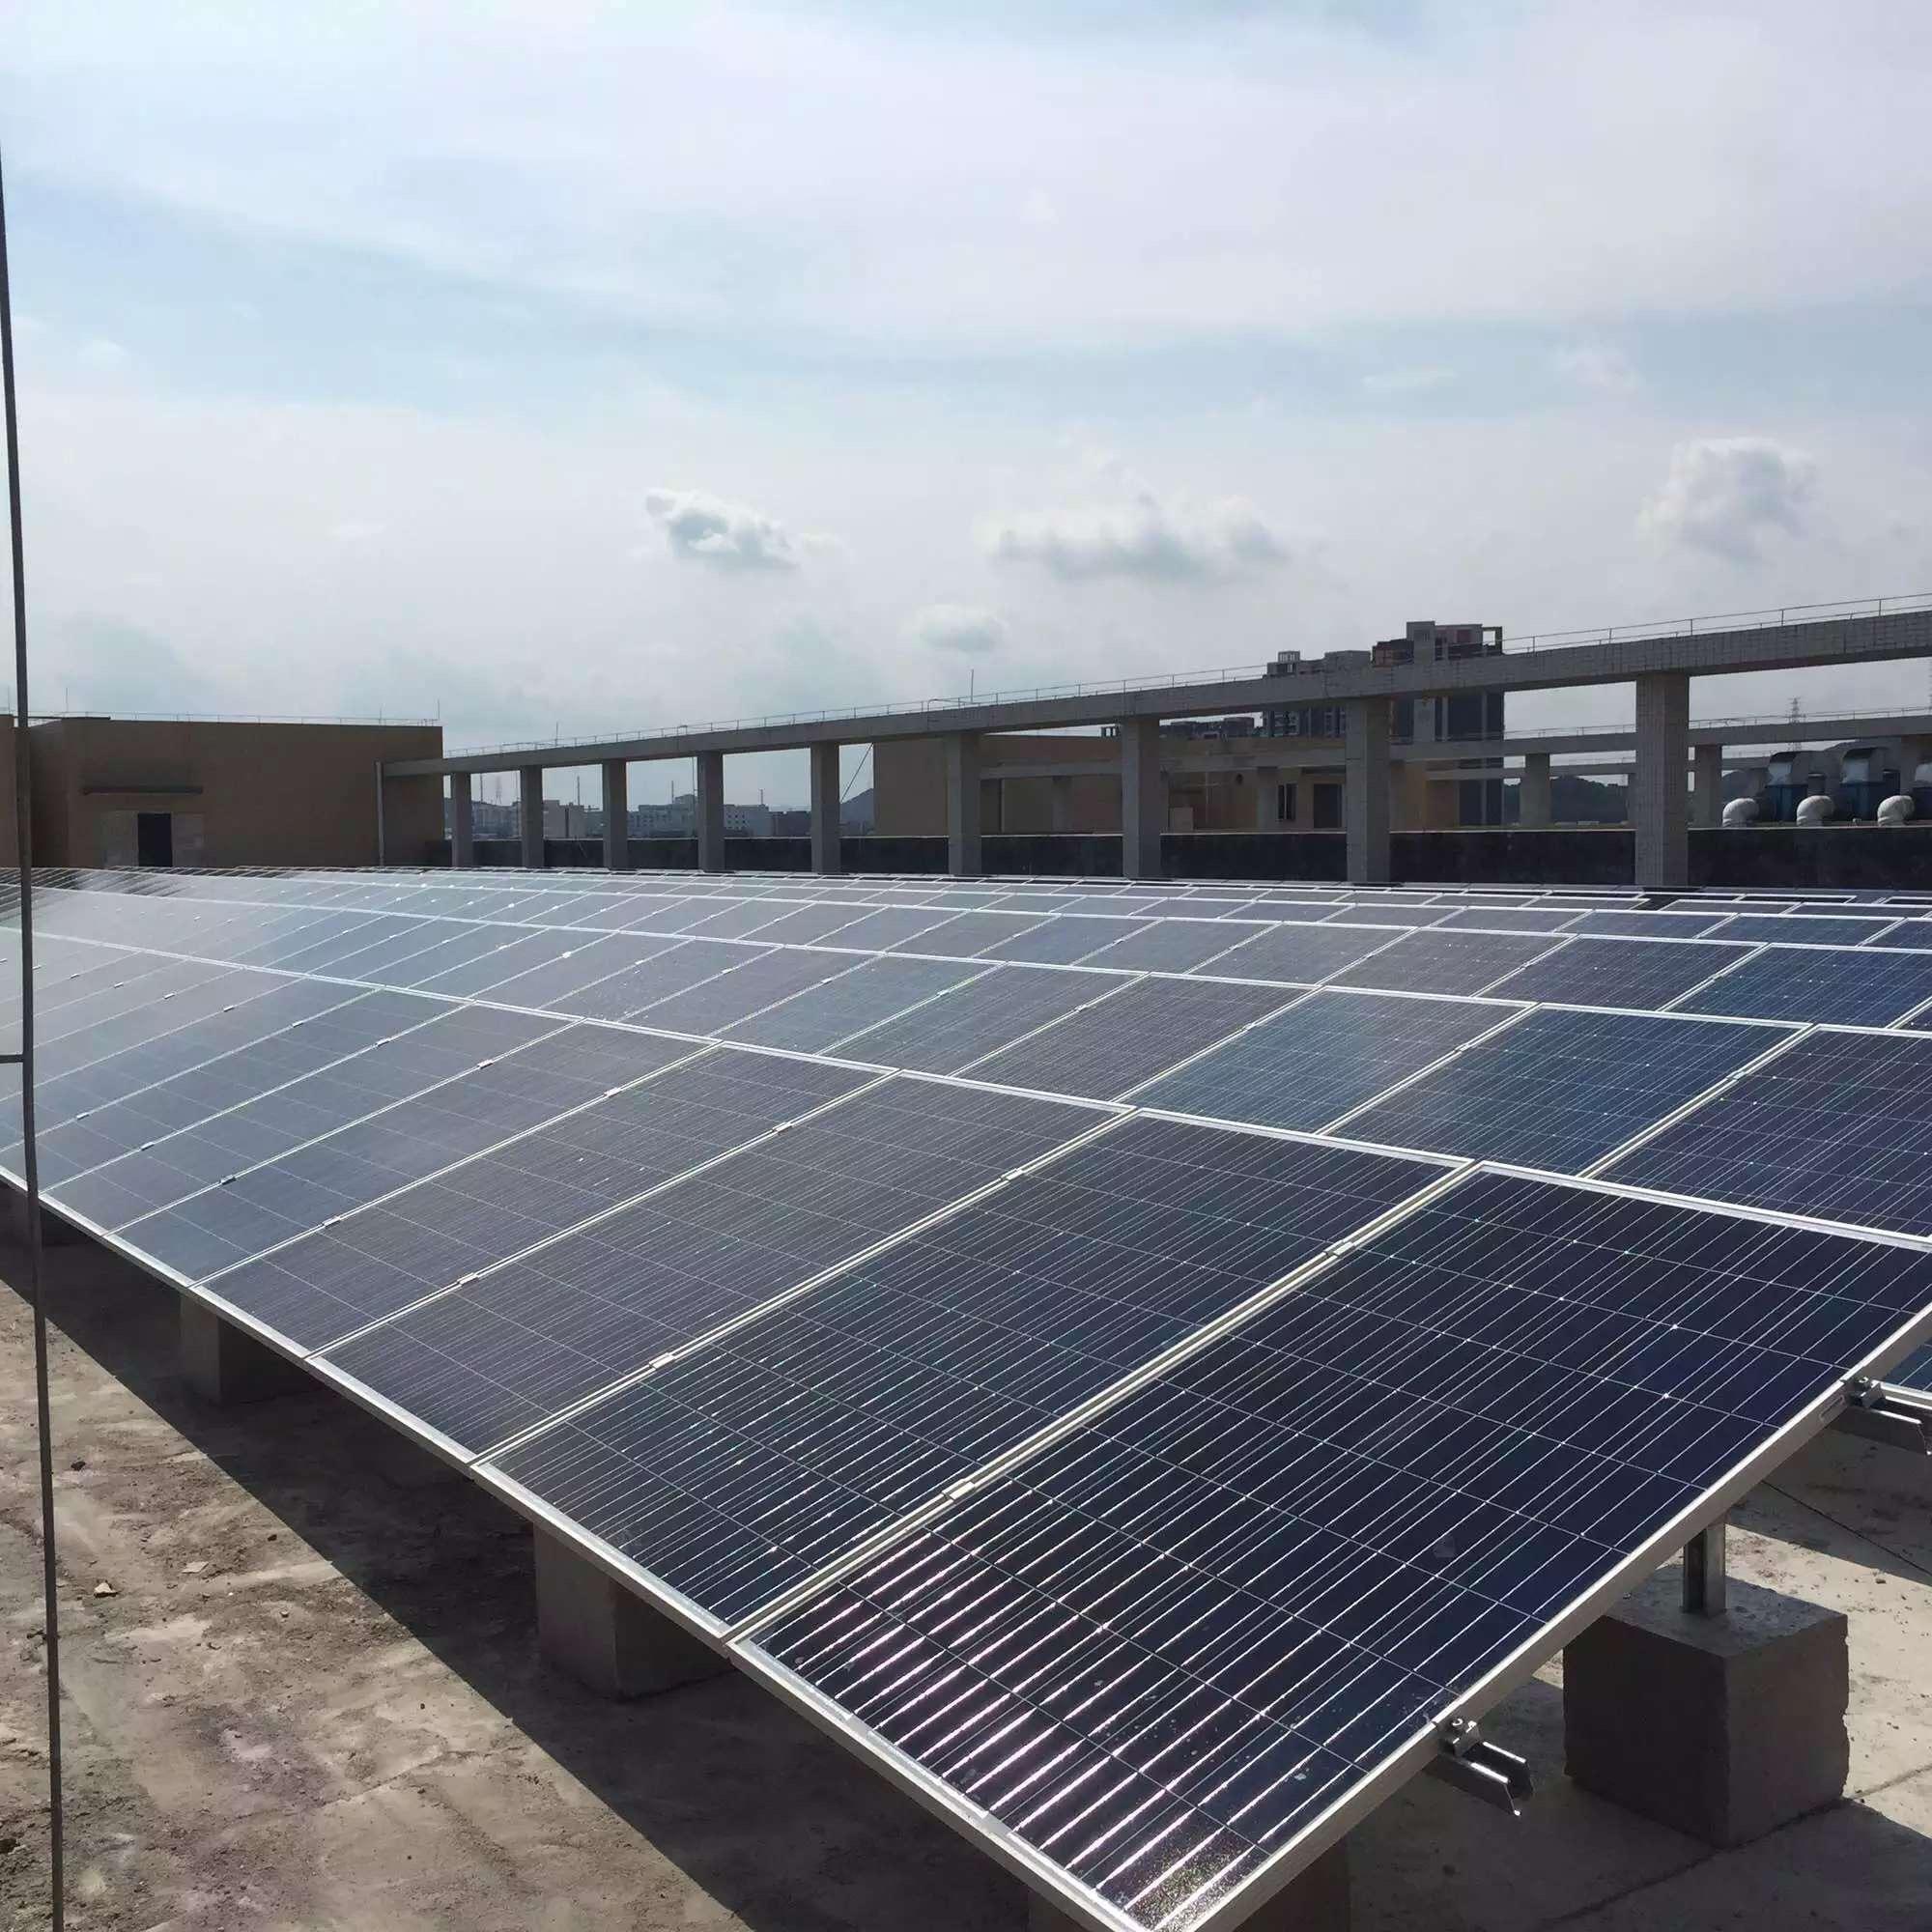 恒通源为东莞声耀公司建设的光伏电站获得高满意度!